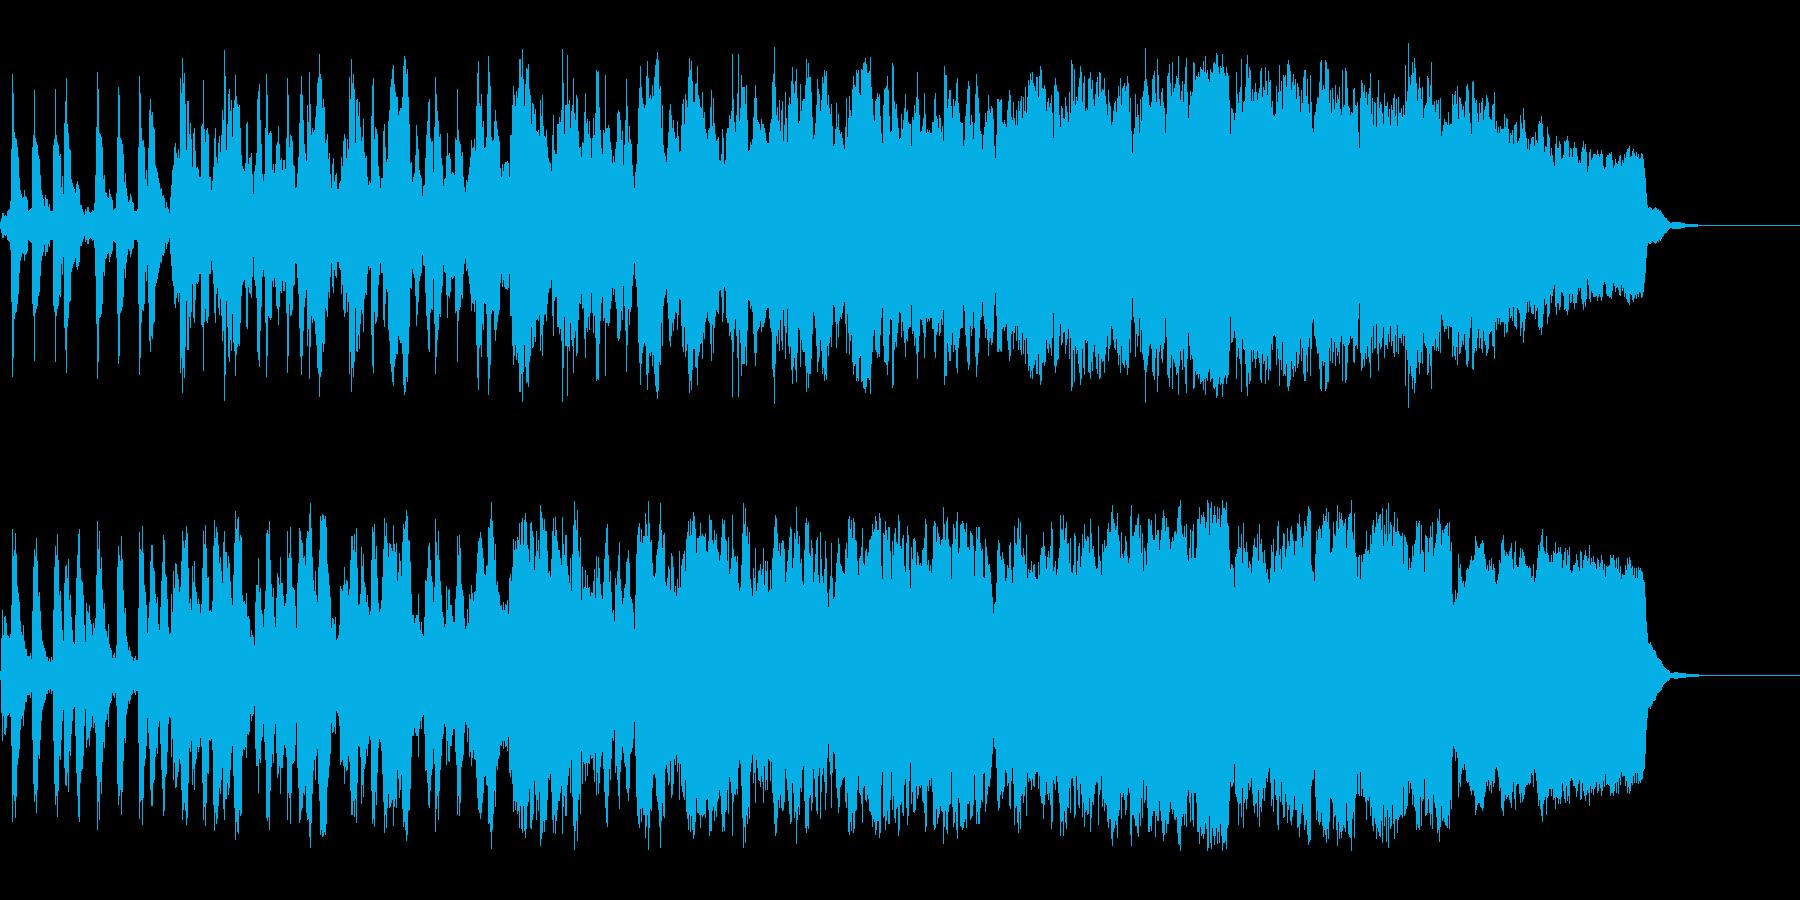 RPGの城下町をイメージしたオーケストラの再生済みの波形